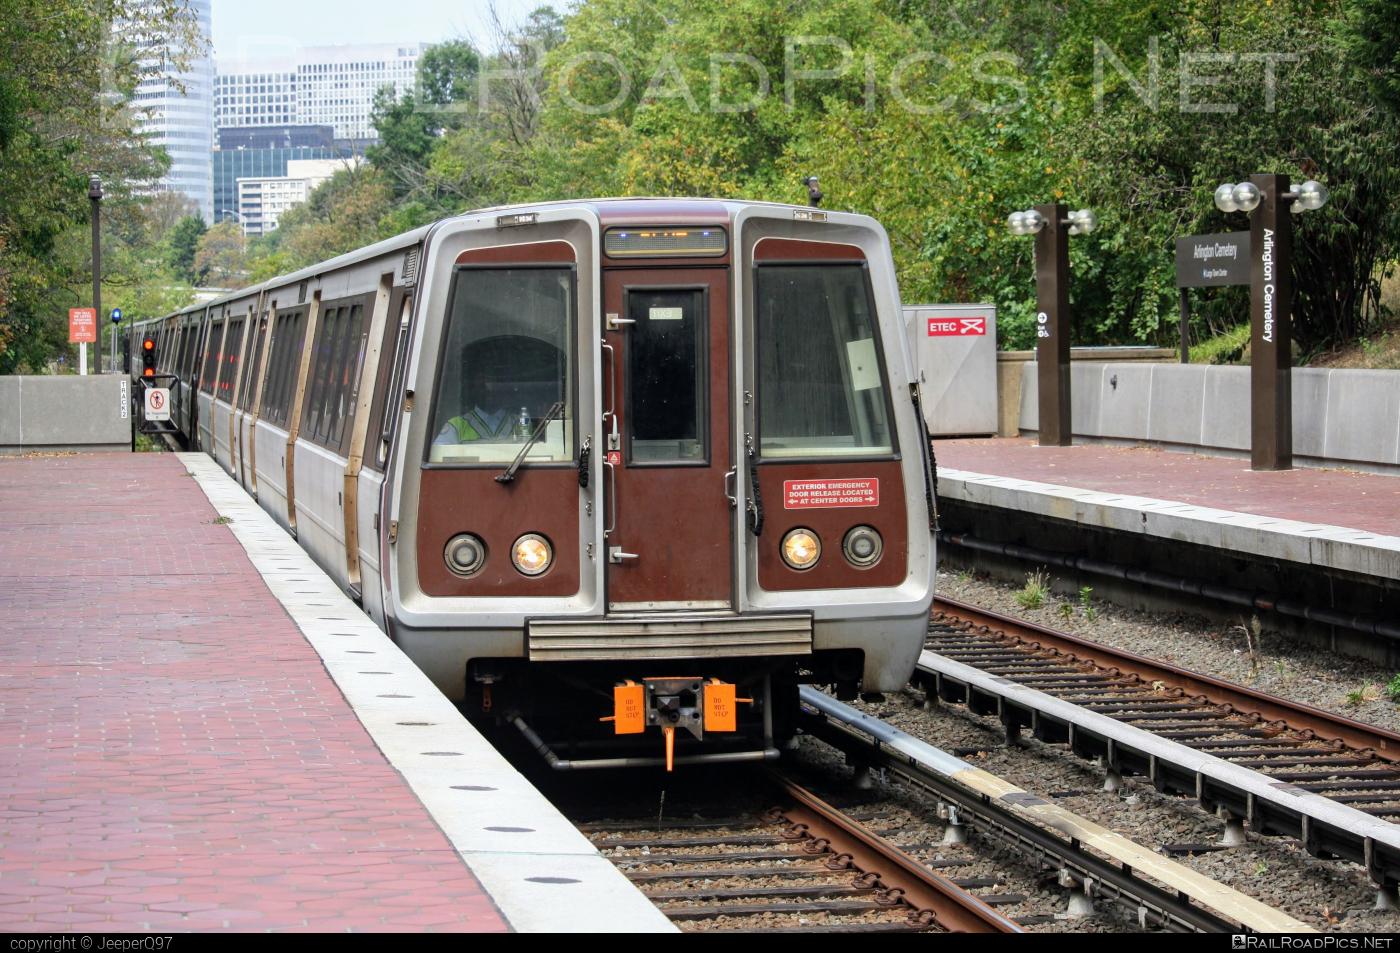 Breda WMATA 3000-series - 3275 operated by Washington Metropolitan Area Transit Authority #breda #washingtonmetropolitanareatransitauthority #wmata #wmata3000series